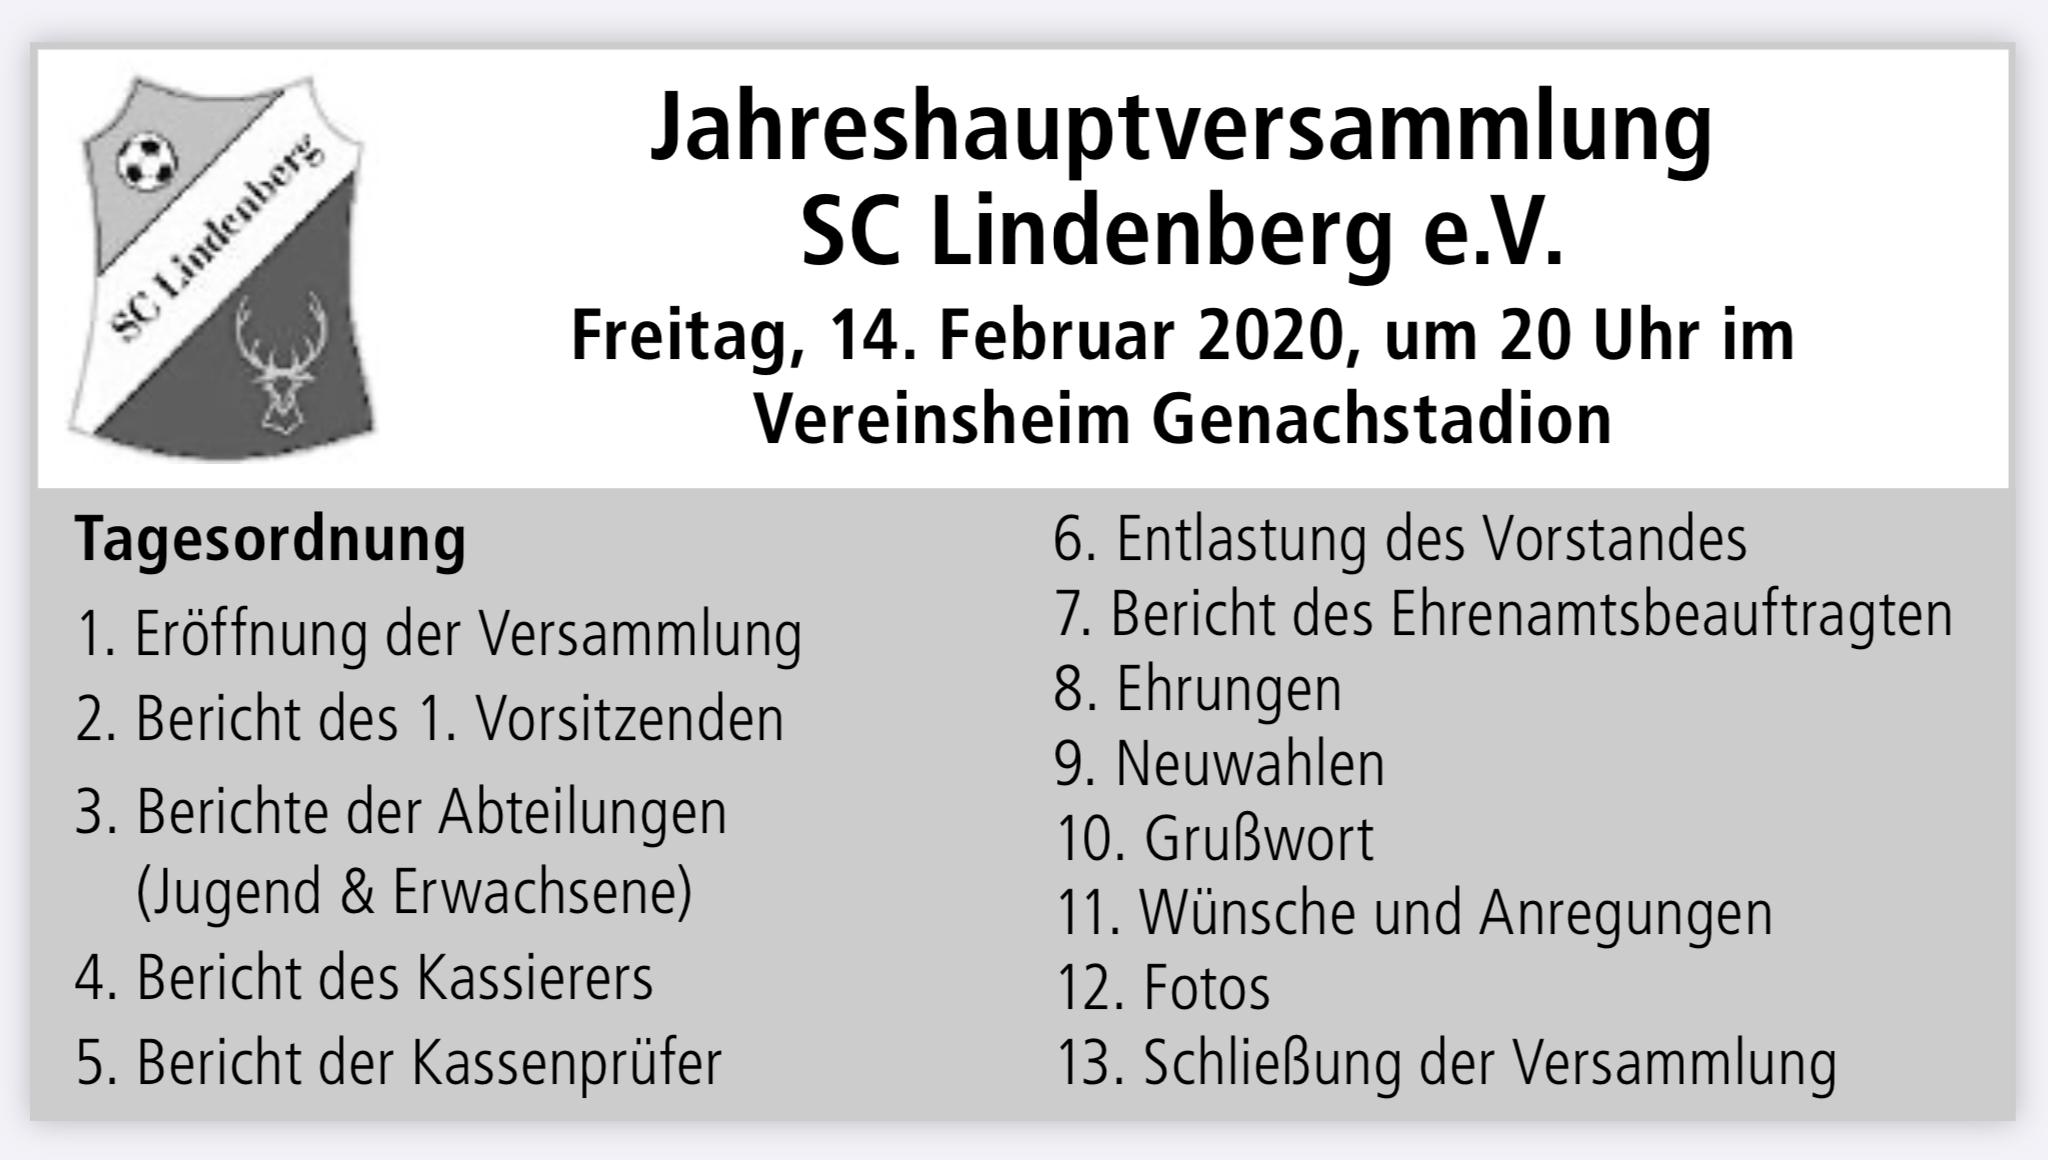 SC Lindenberg